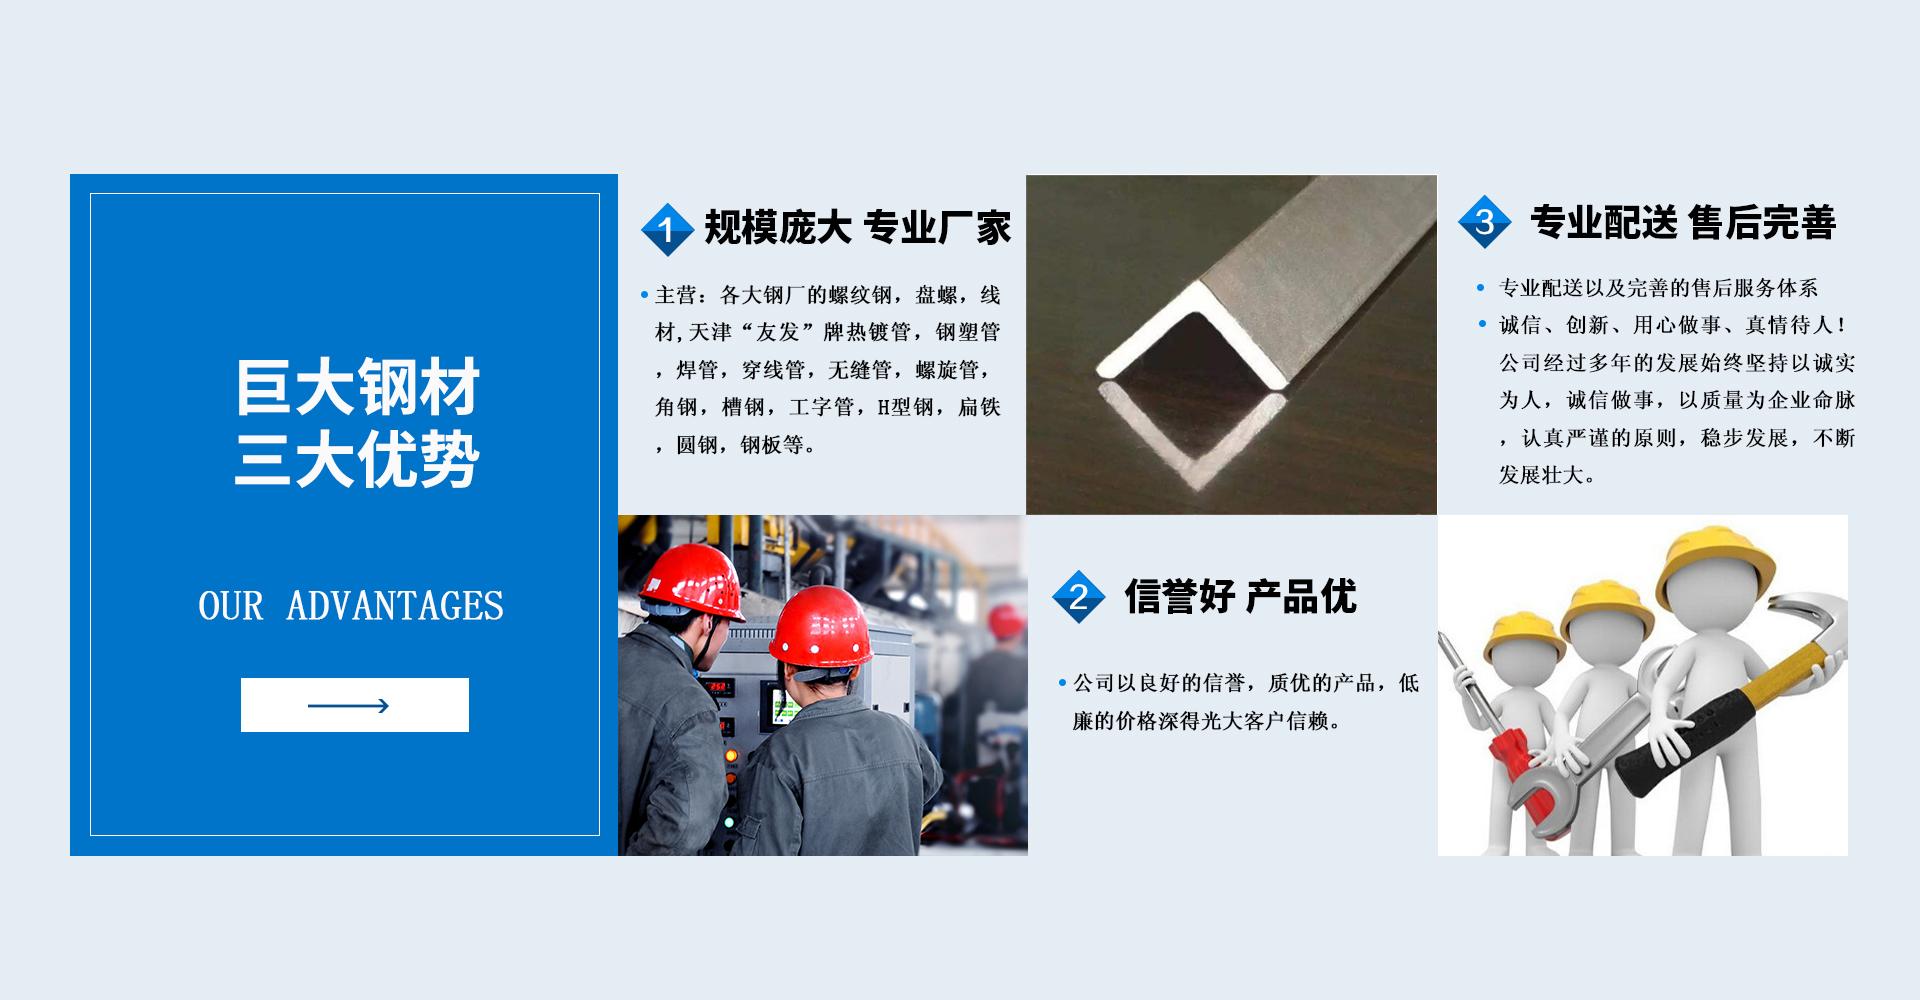 巨大钢材烟台钢材批发,规模庞大,专业厂家,信誉好品质优,专业配送,售后服务完善!